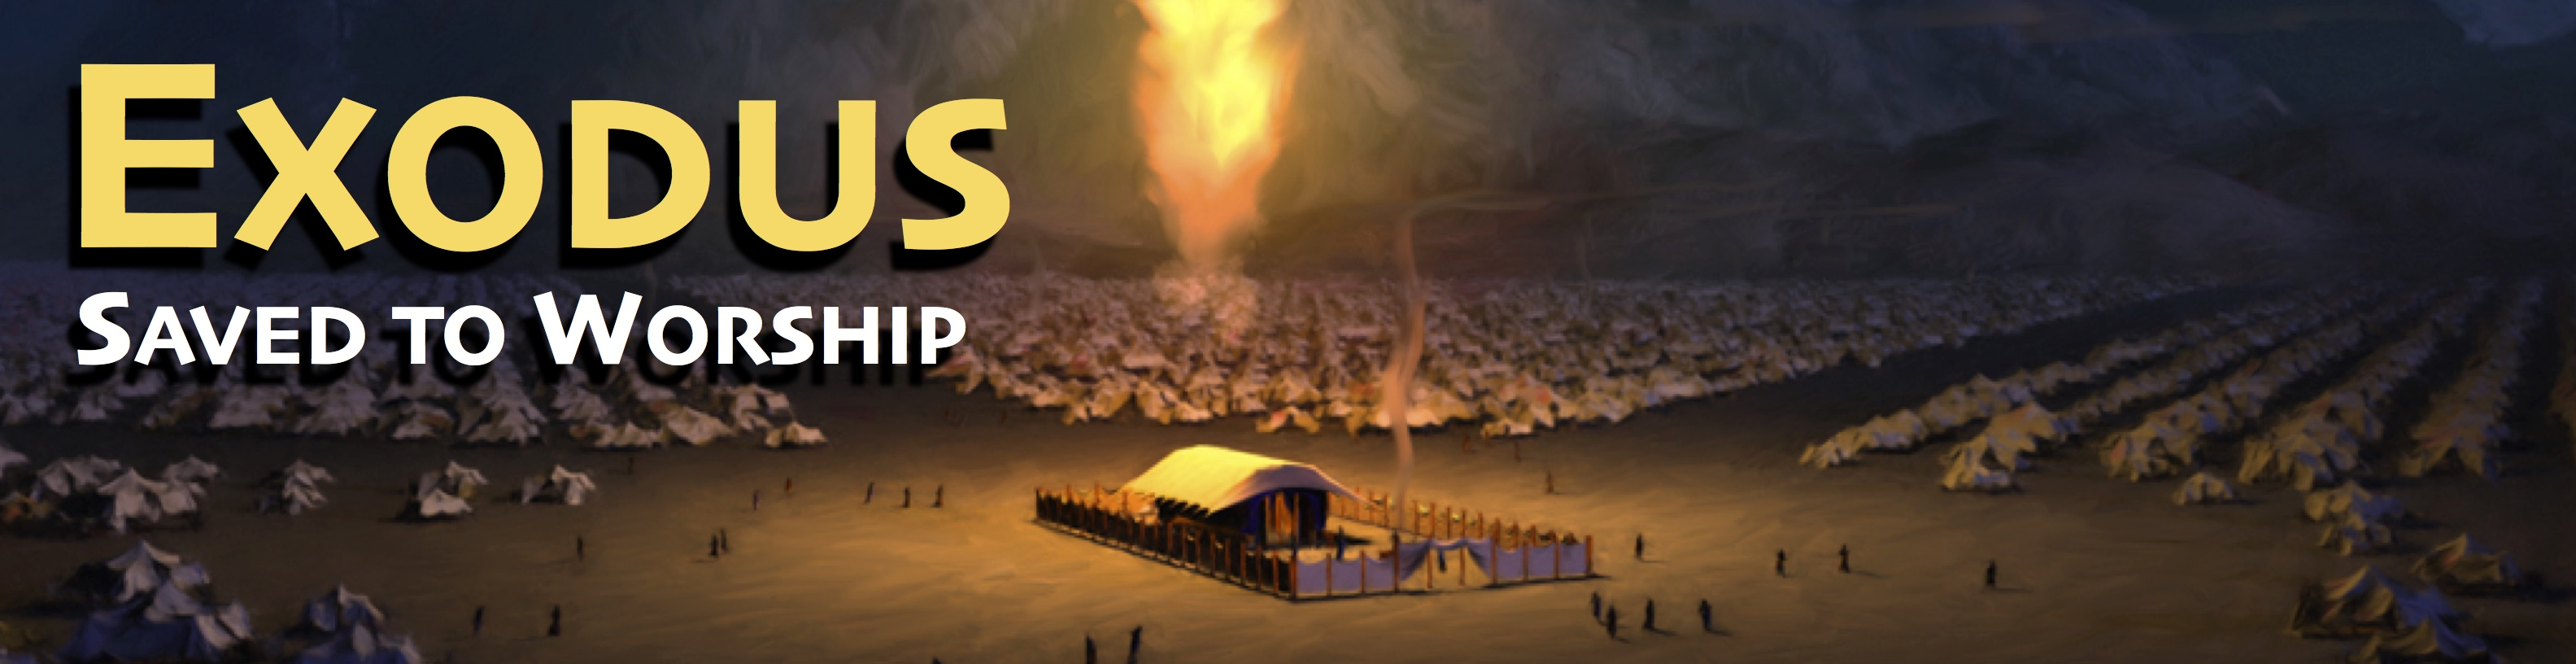 exodus-banner